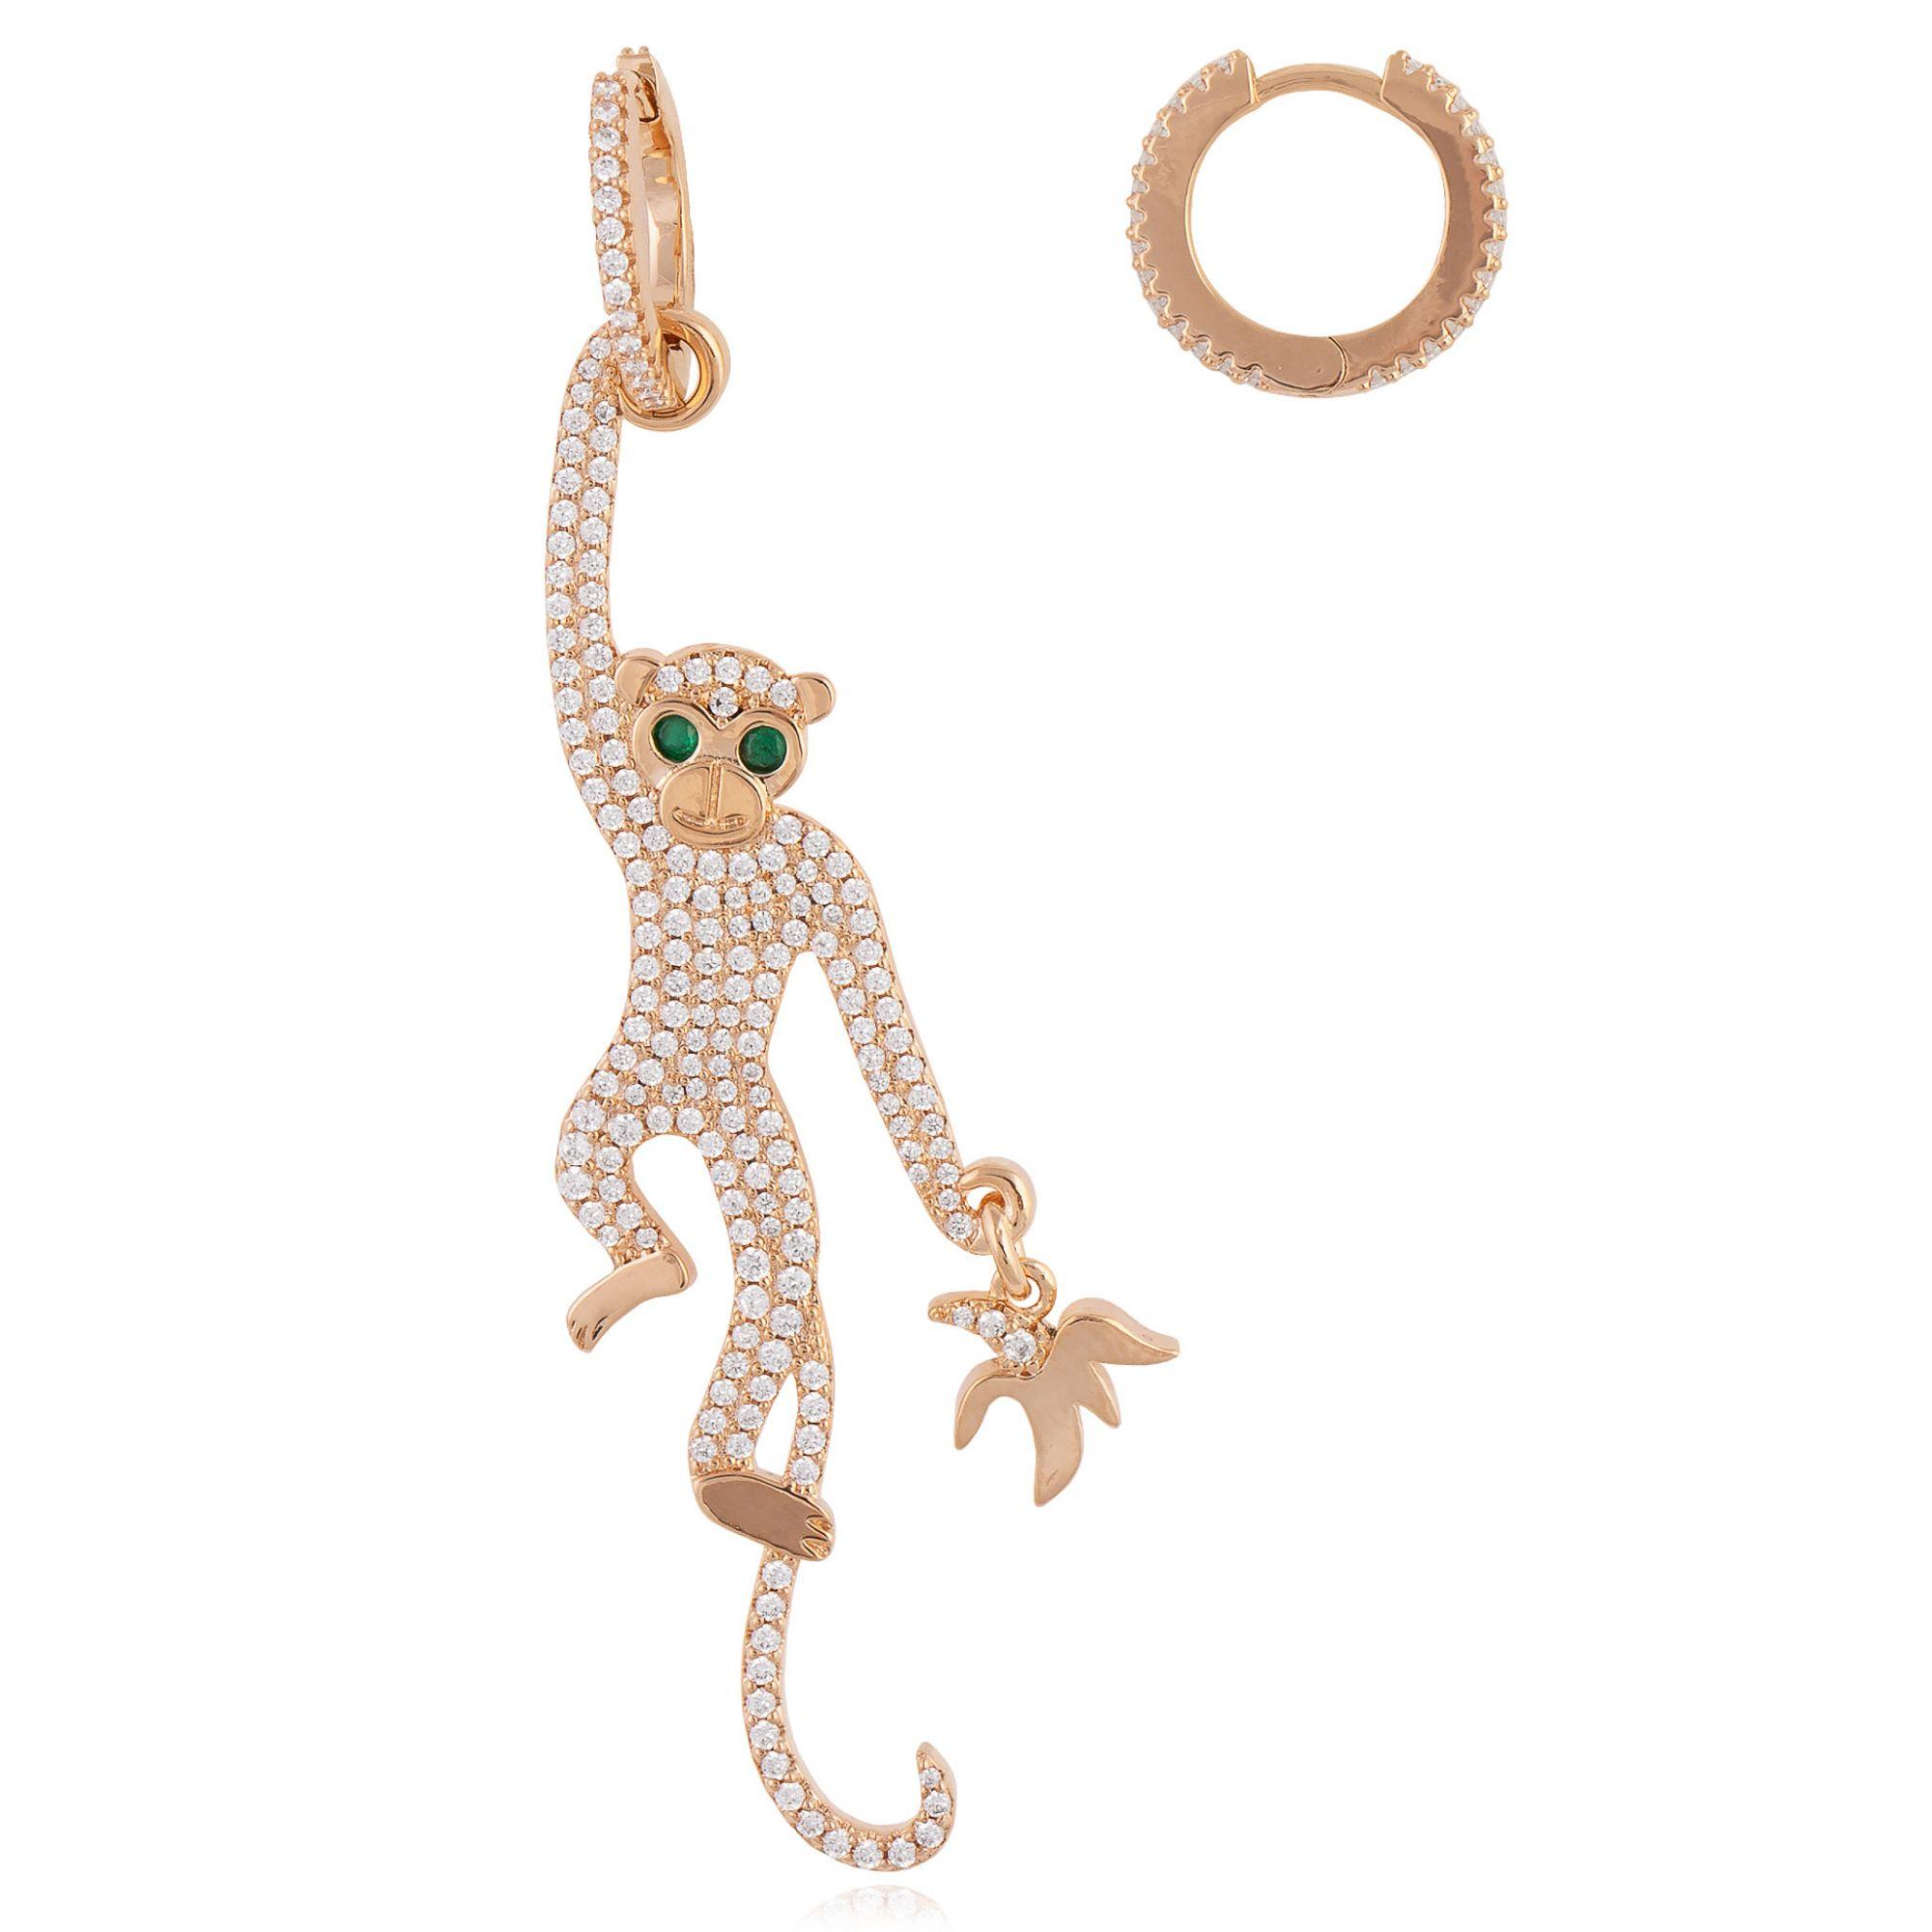 Brinco de macaco com micro zircônias cristais e esmeralda banhado a ouro 18k.  - bfdecor.com.br